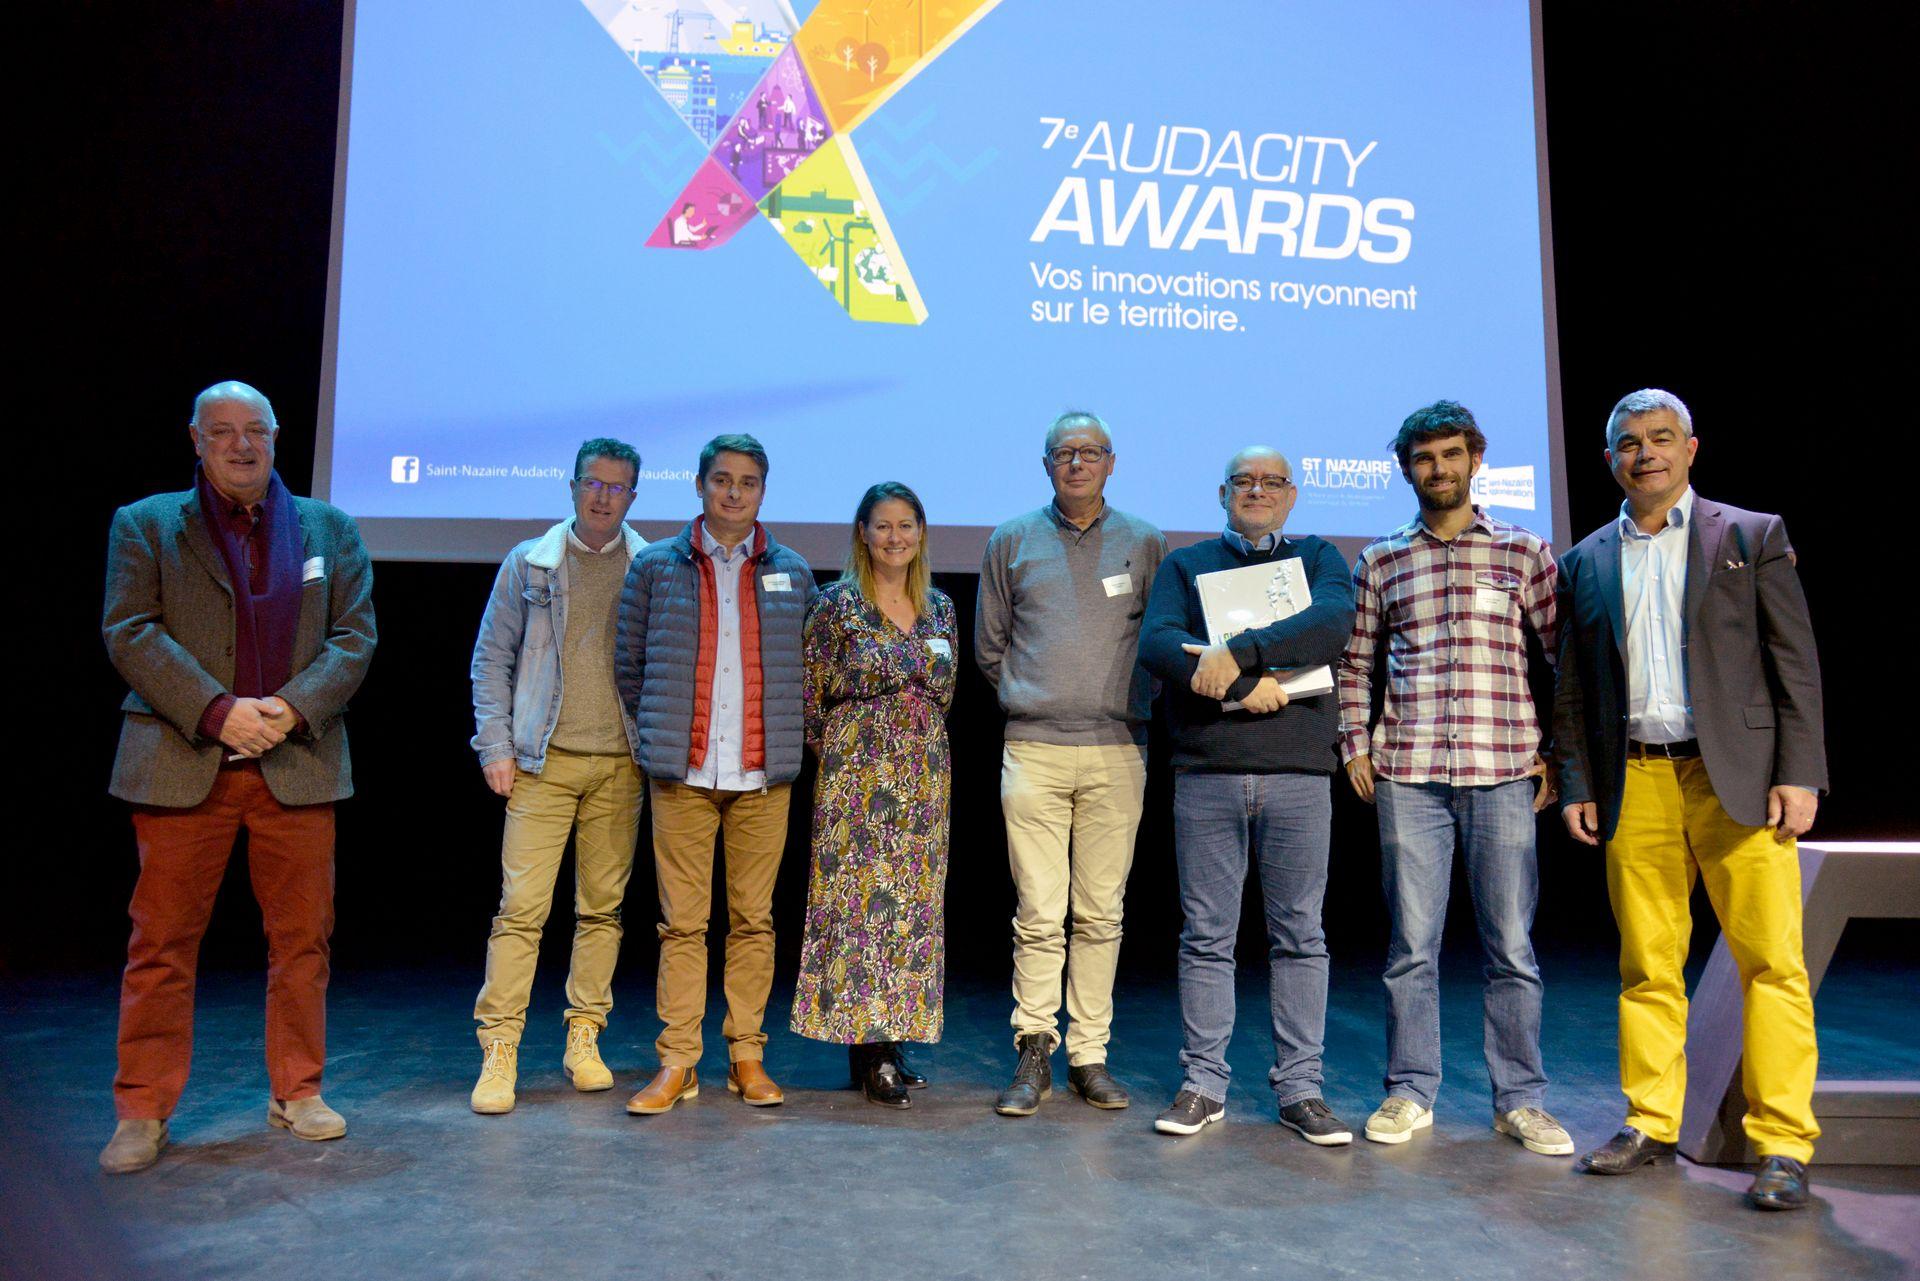 Les lauréats Audacity Awards 2018. Crédit : Christian Robert - Ville de Saint-Nazaire